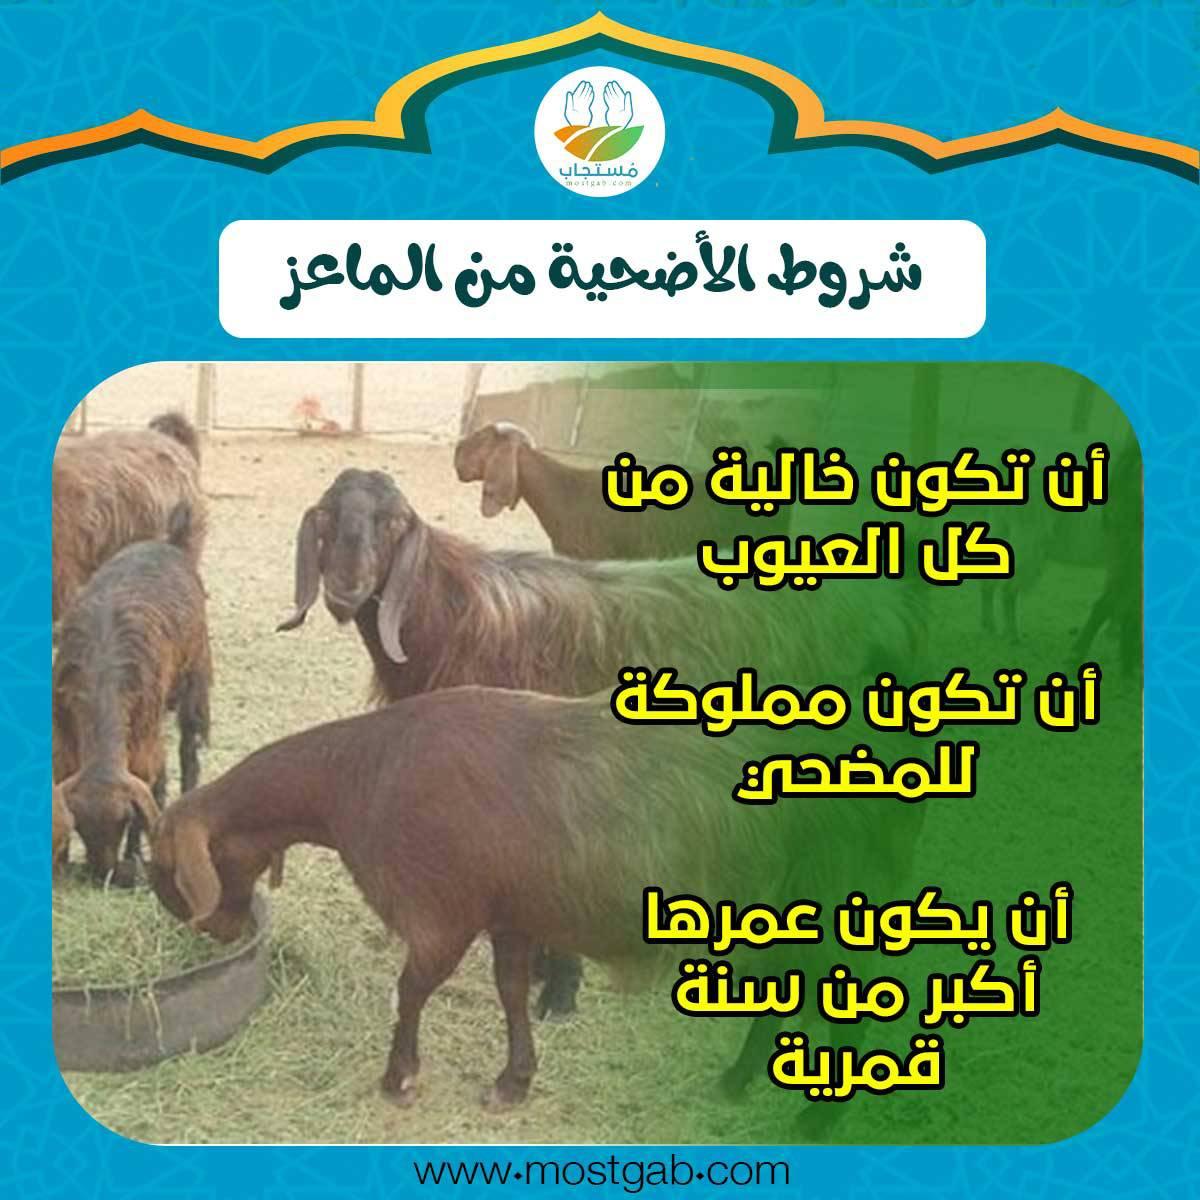 شروط أضحية الماعز في العيد